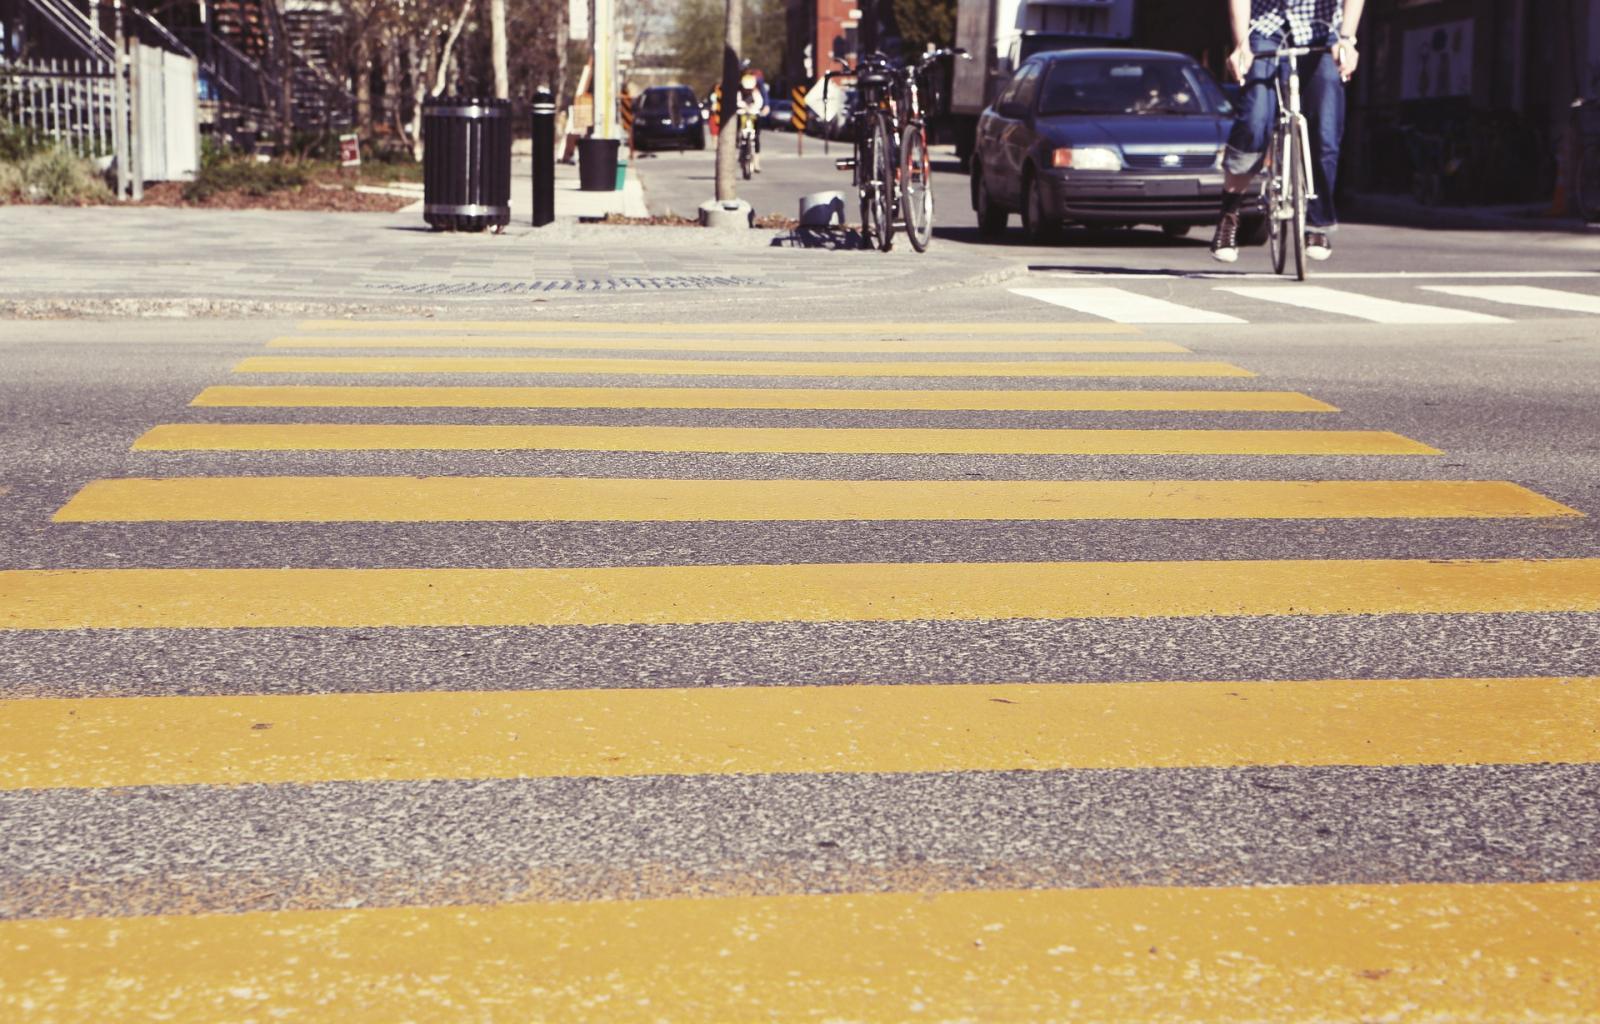 Reglas del ciclismo: Respeta las líneas peatonales.